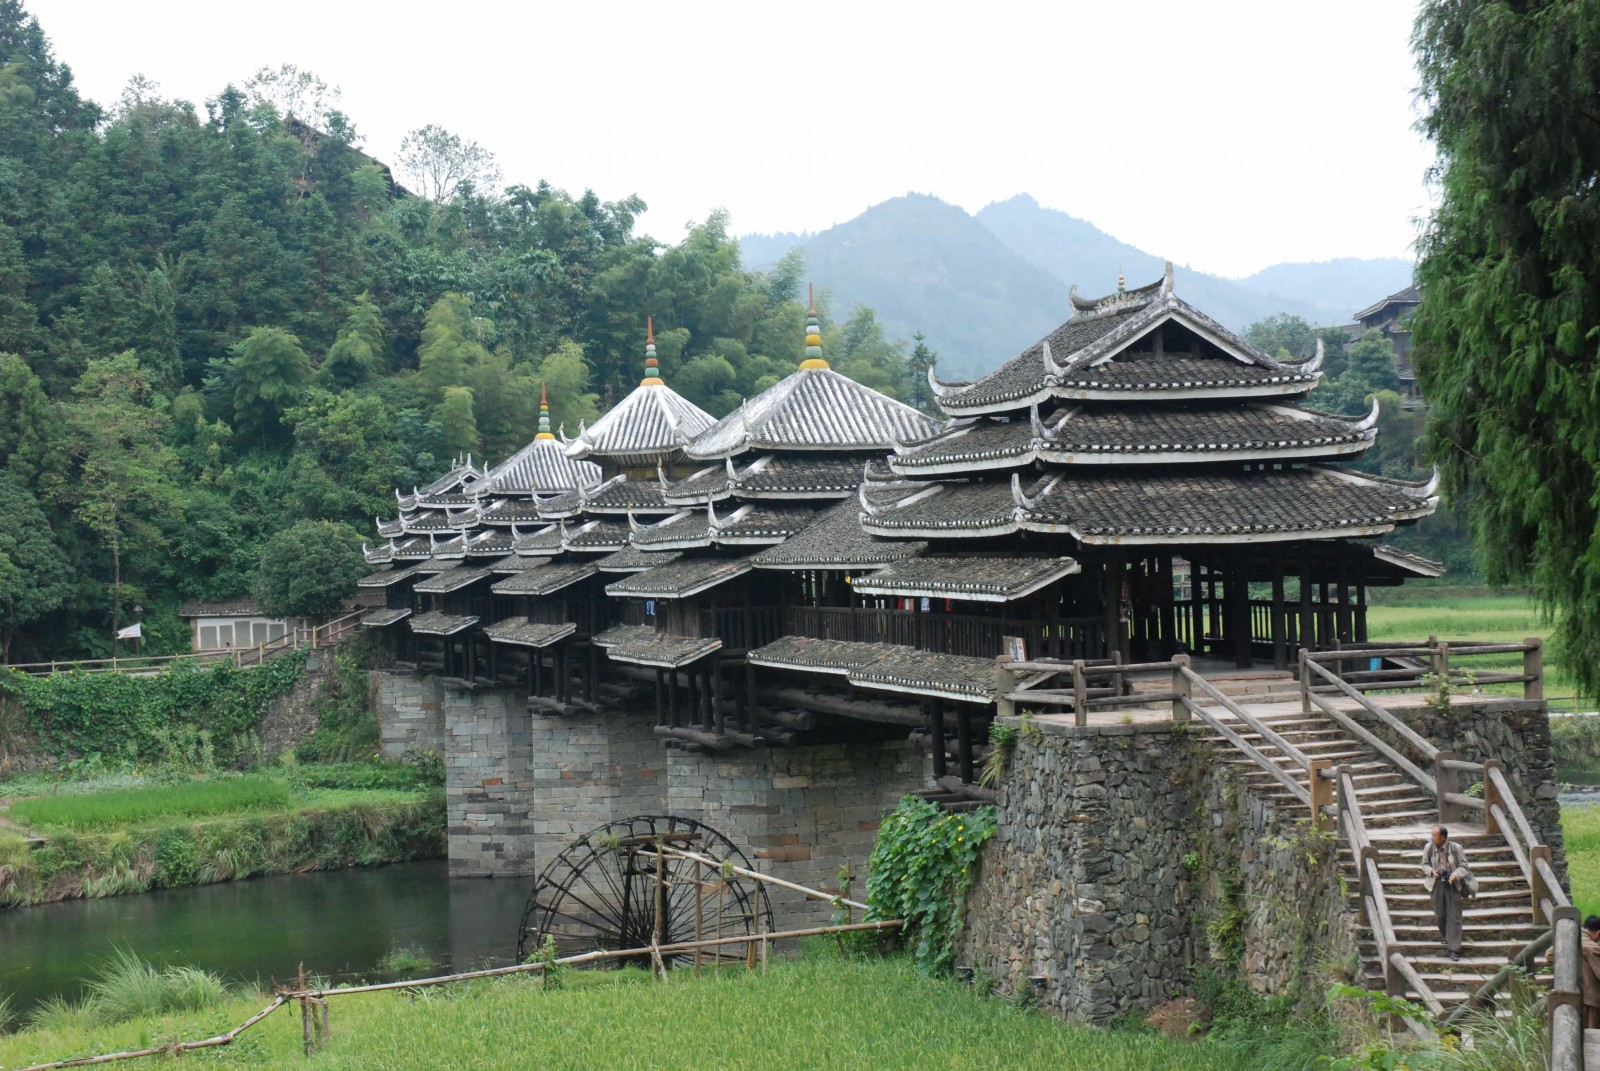 Chengyangqiao Roofed Bridge China